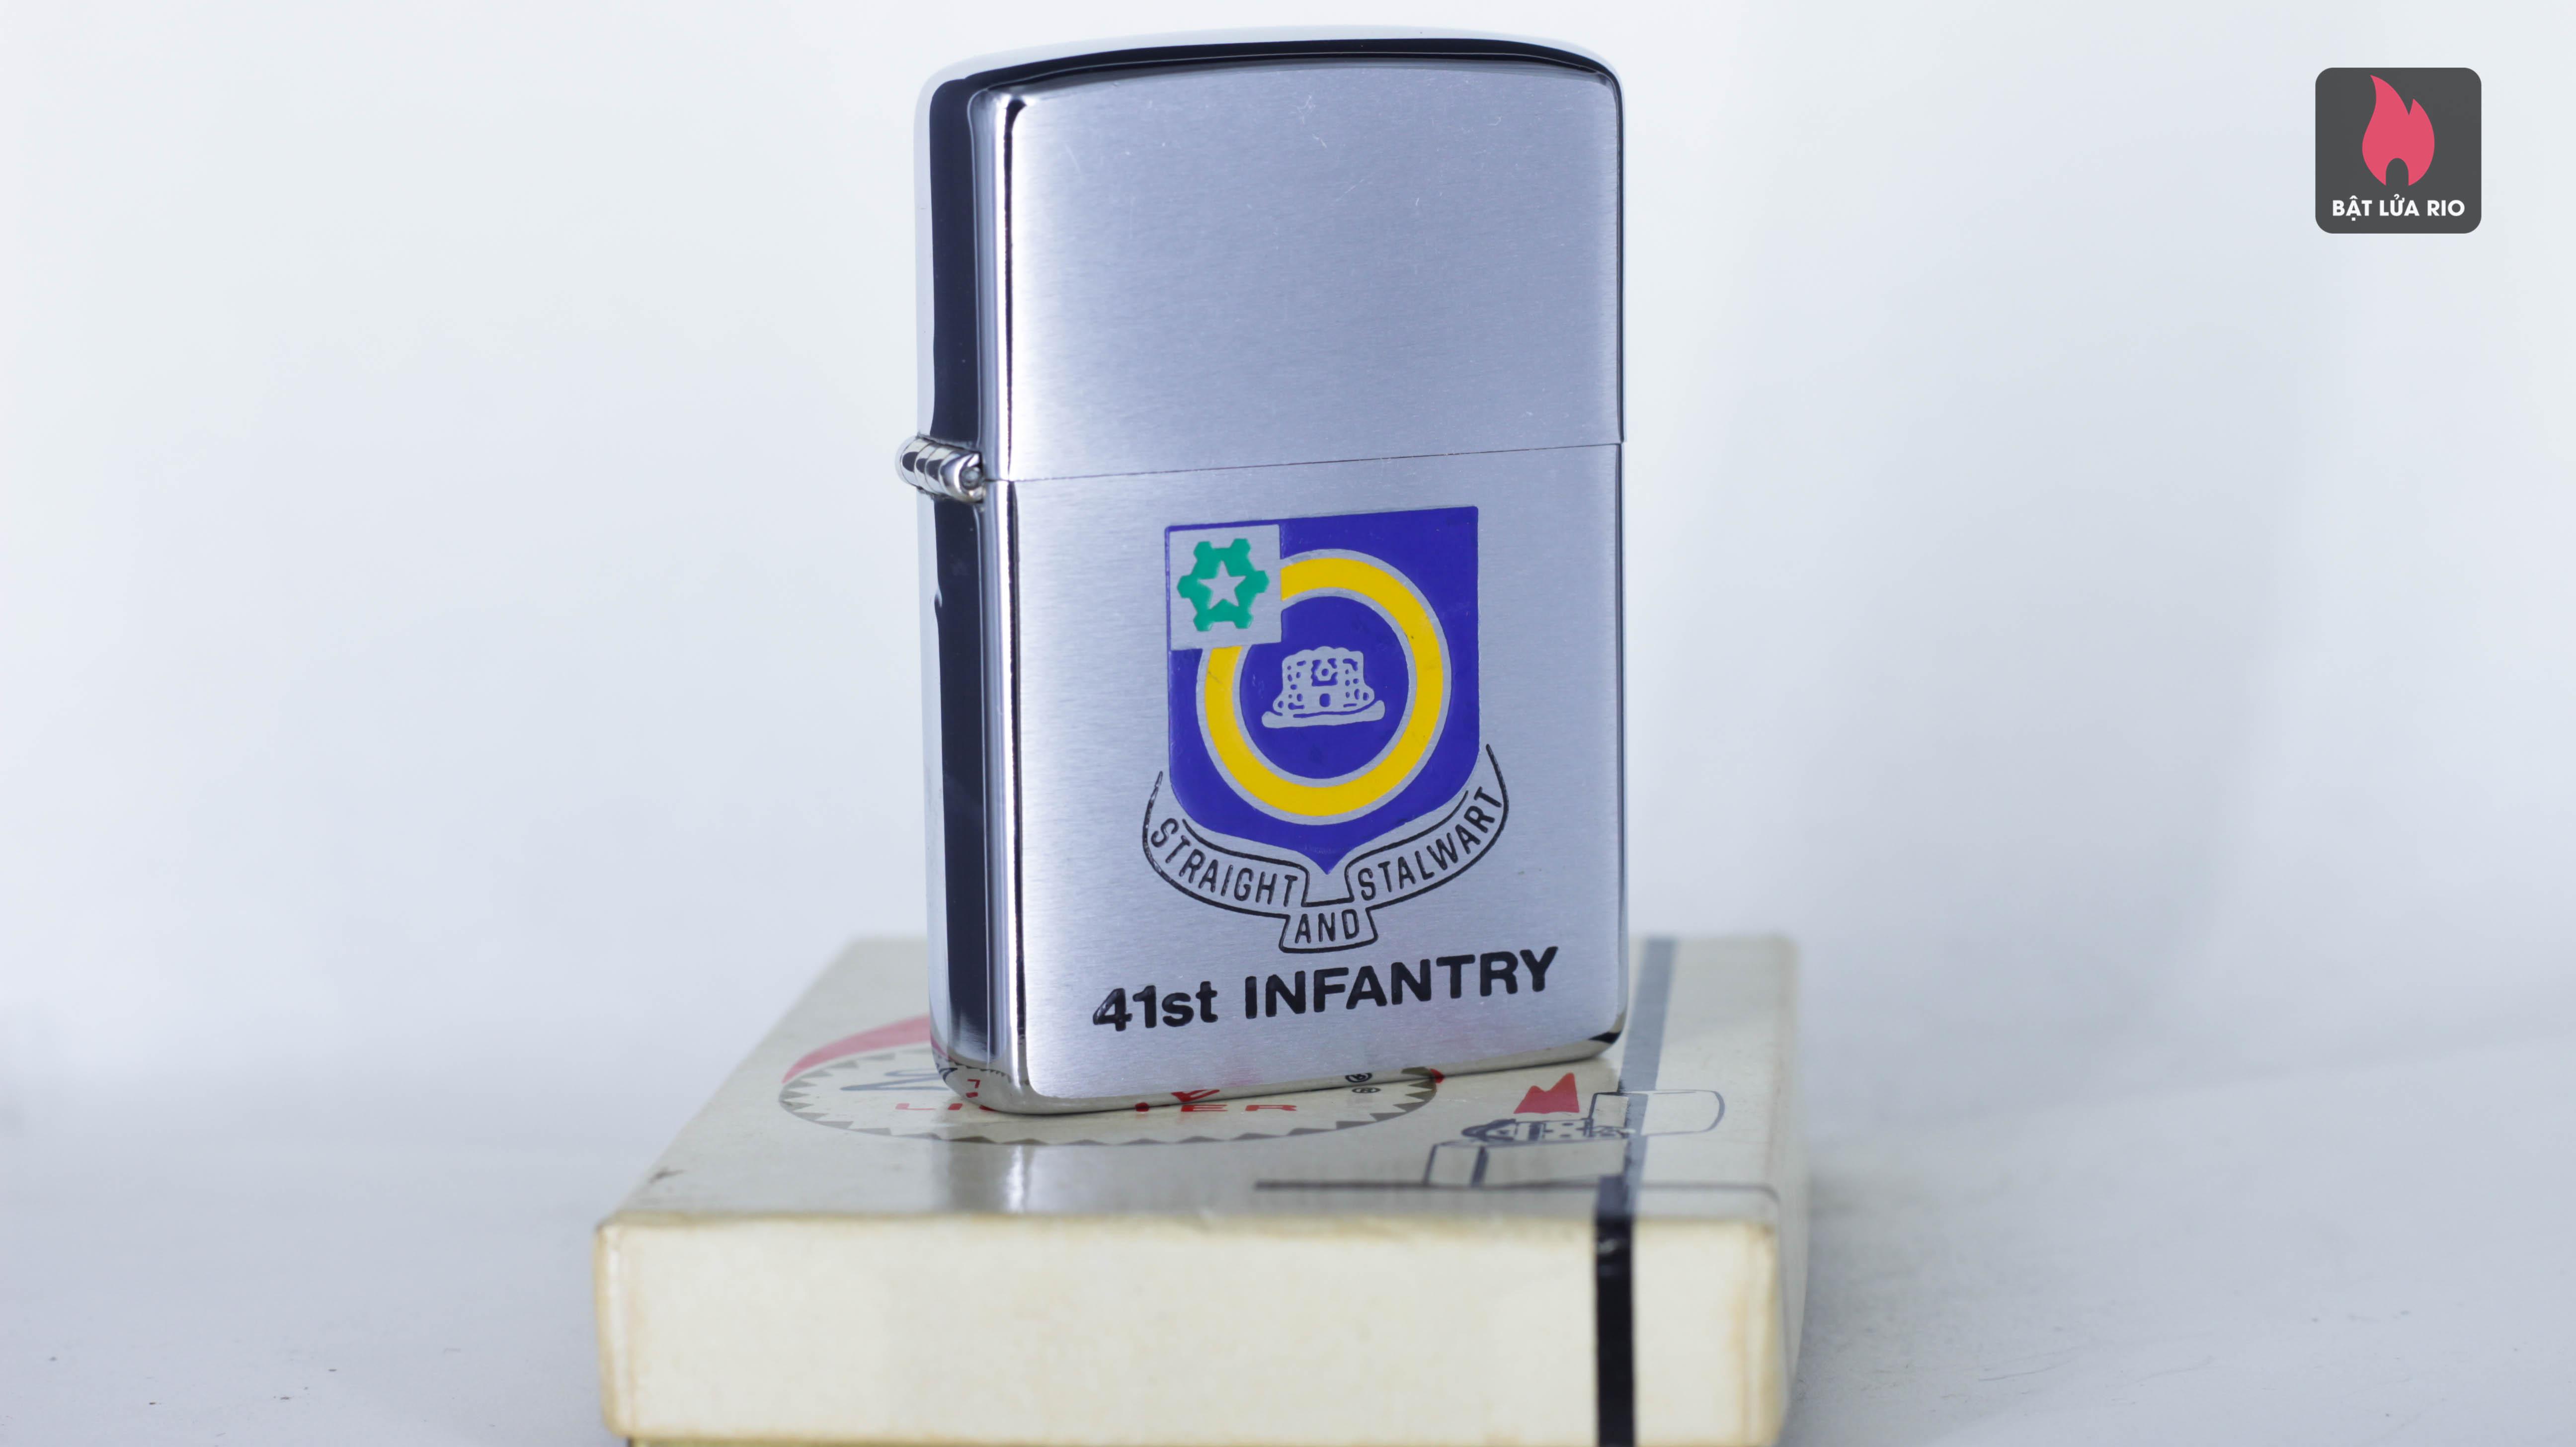 ZIPPO XƯA 1974 - 41ST INFANTRY